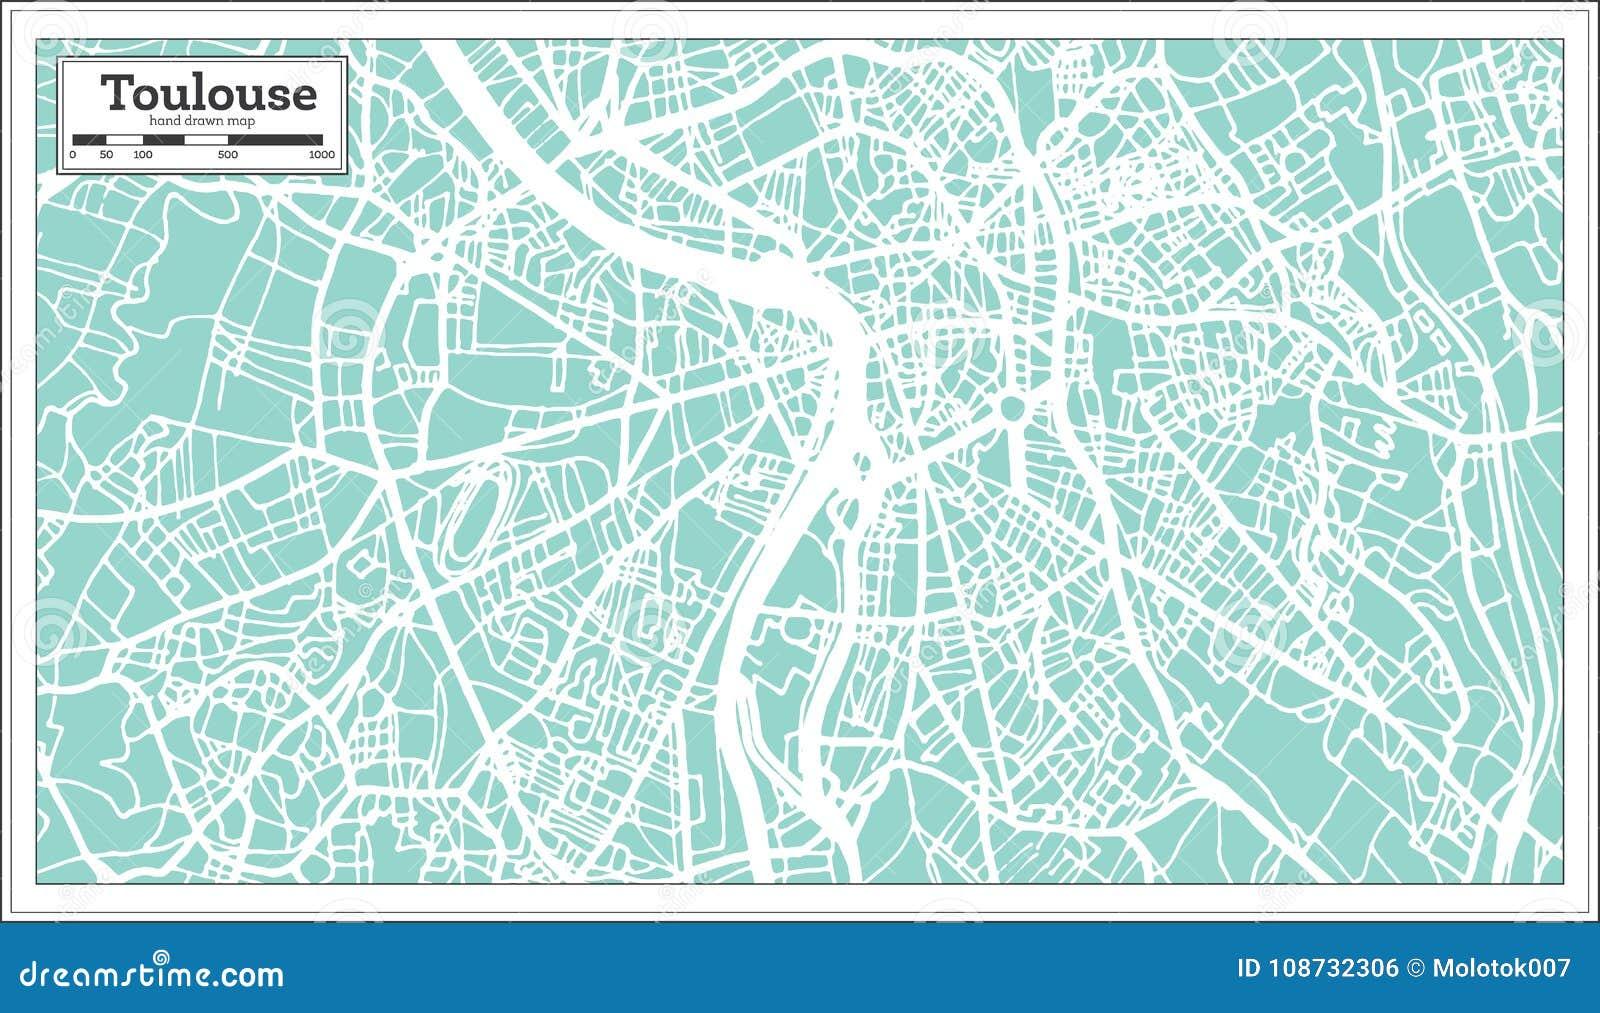 Cartina Francia Tolosa.Mappa Della Citta Di Tolosa Francia Nel Retro Stile Illustrazione In Bianco E Nero Di Vettore Illustrazione Vettoriale Illustrazione Di Telaio Nearsighted 108732306